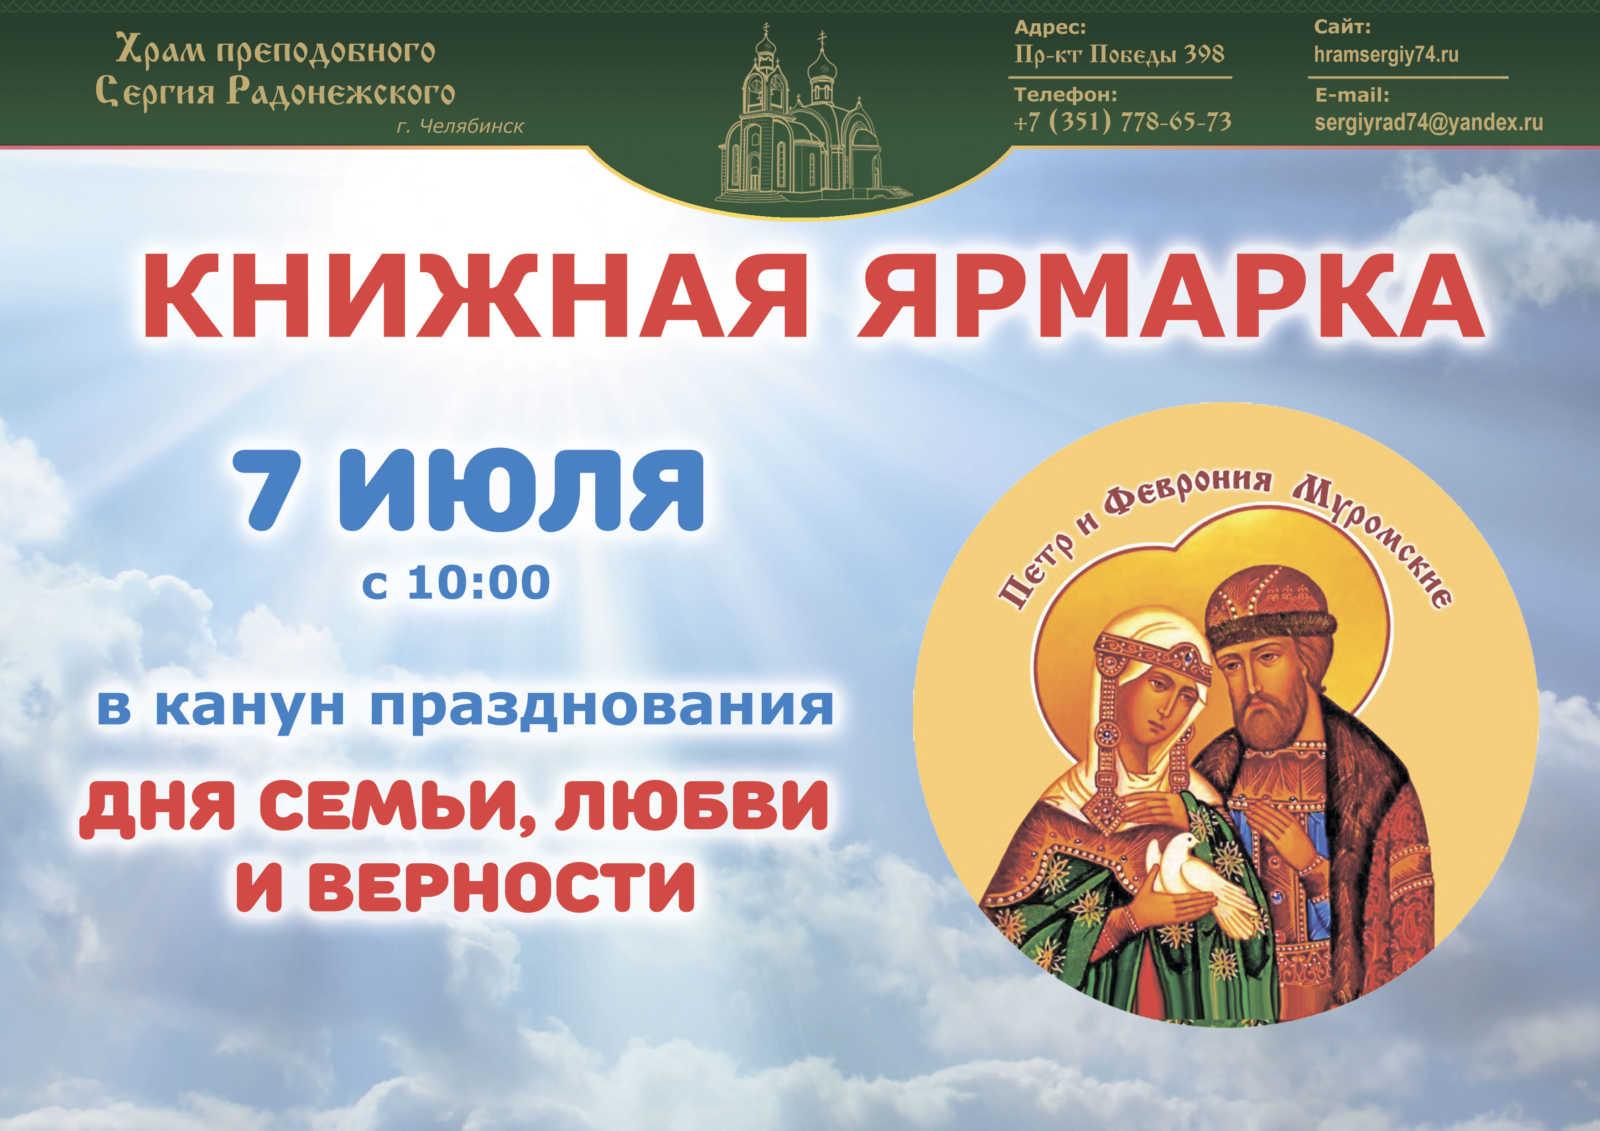 Книжная ярмарка на приходе храма прп.Сергия Радонежского г.Челябинск, 7 июля 2019